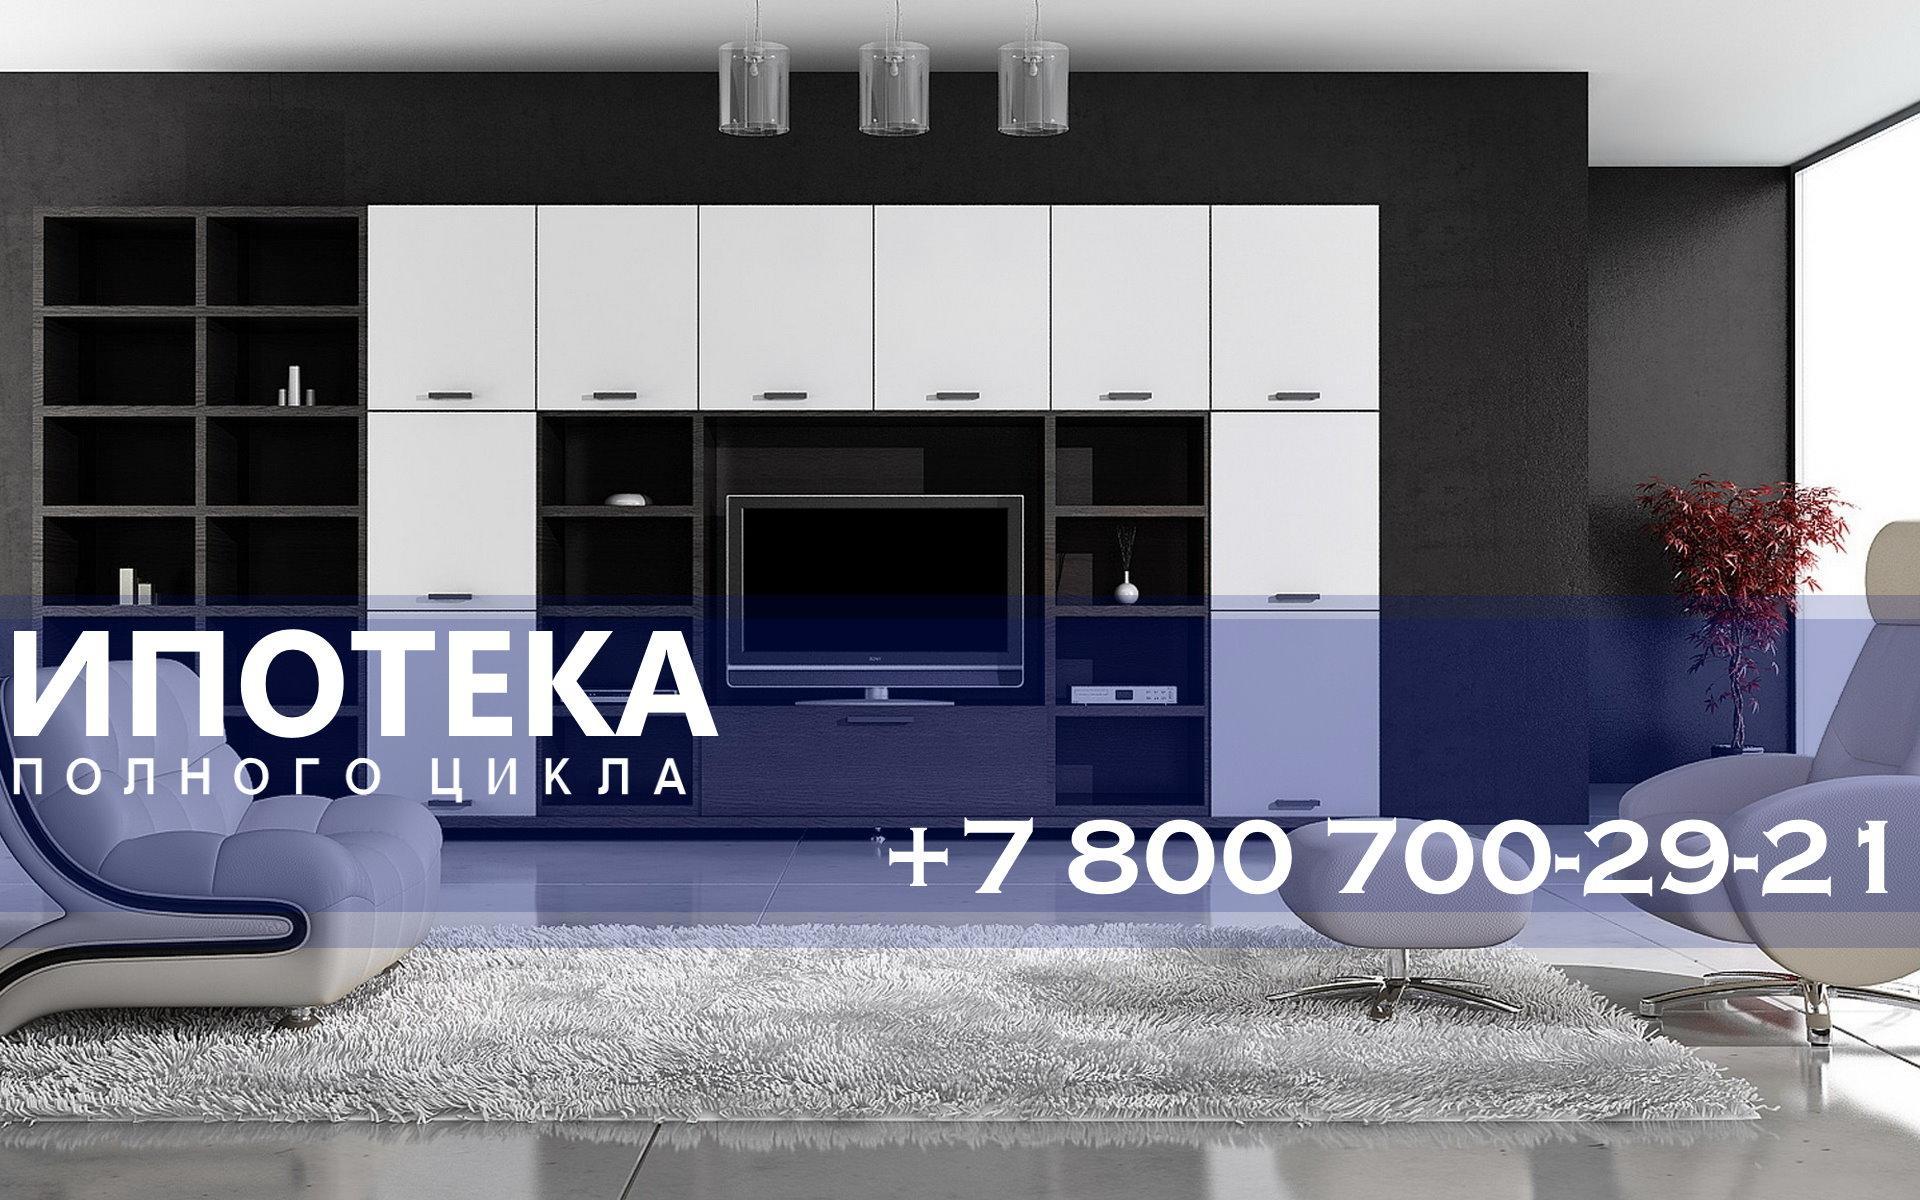 Услуги ипотечного брокера — Москва — стоимость